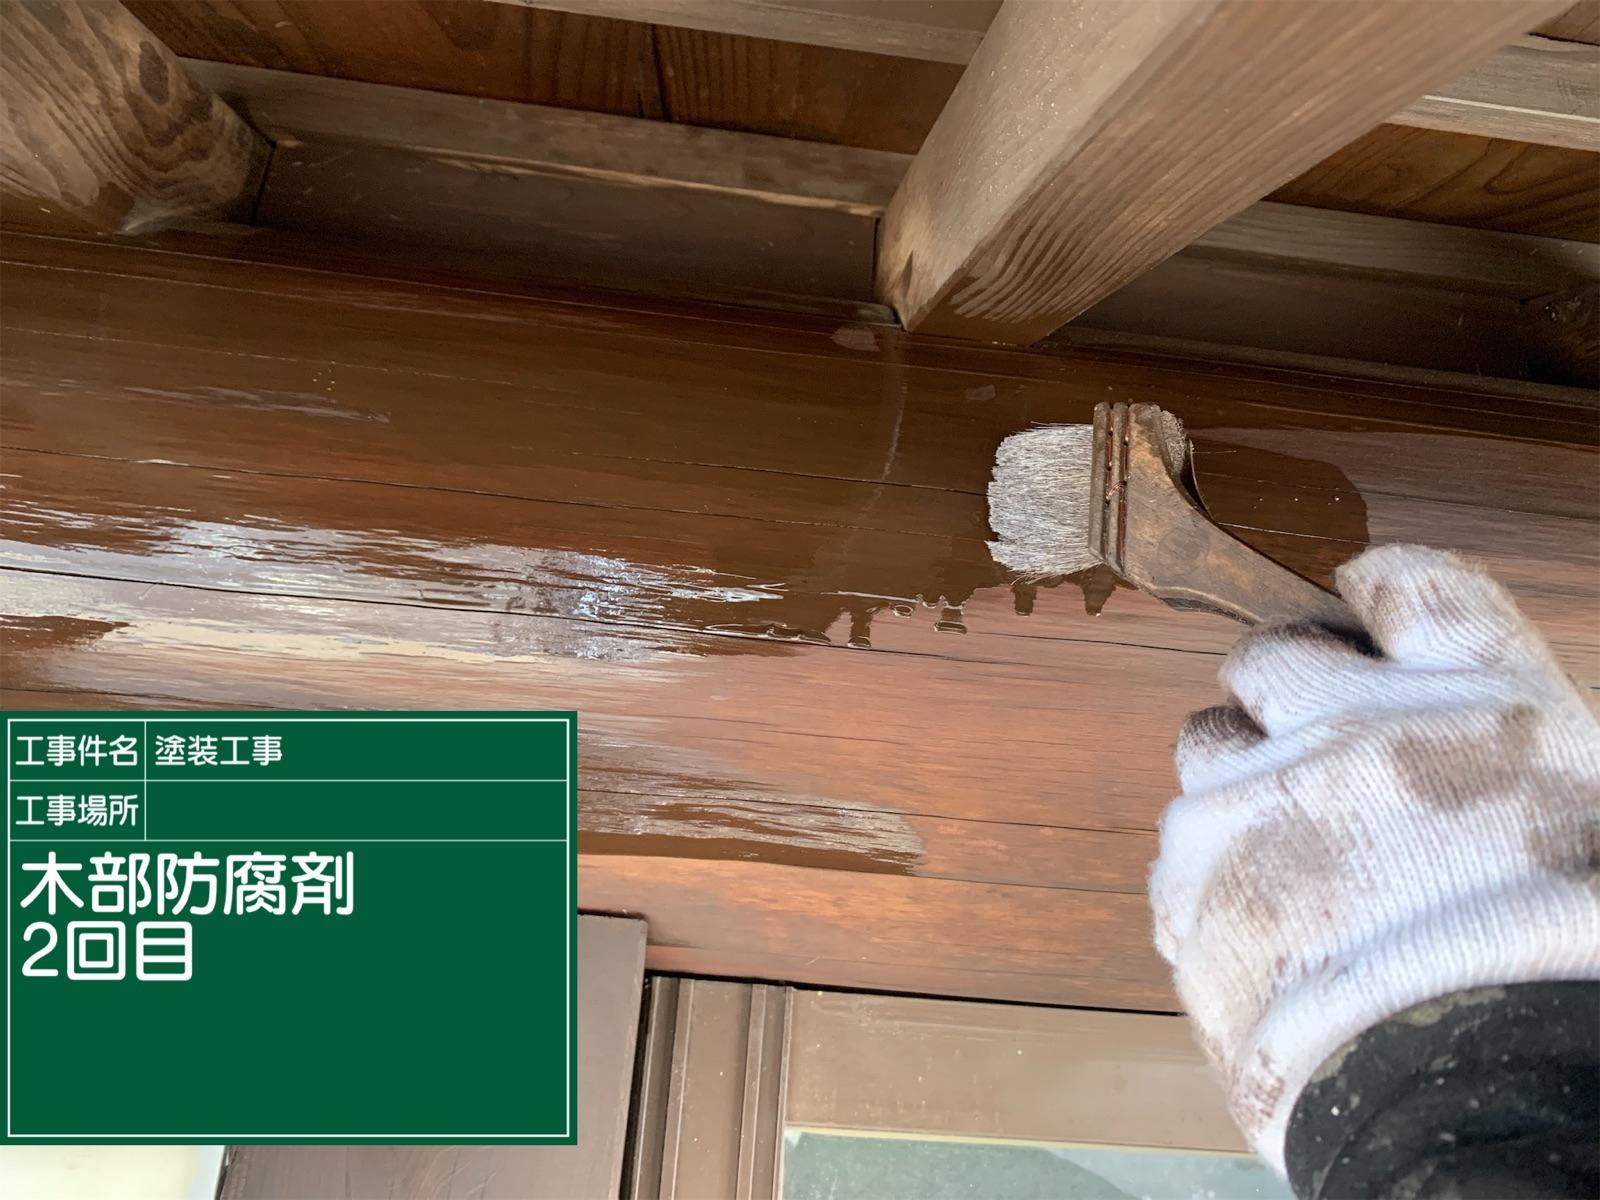 木部防腐剤2回目中(2)300018